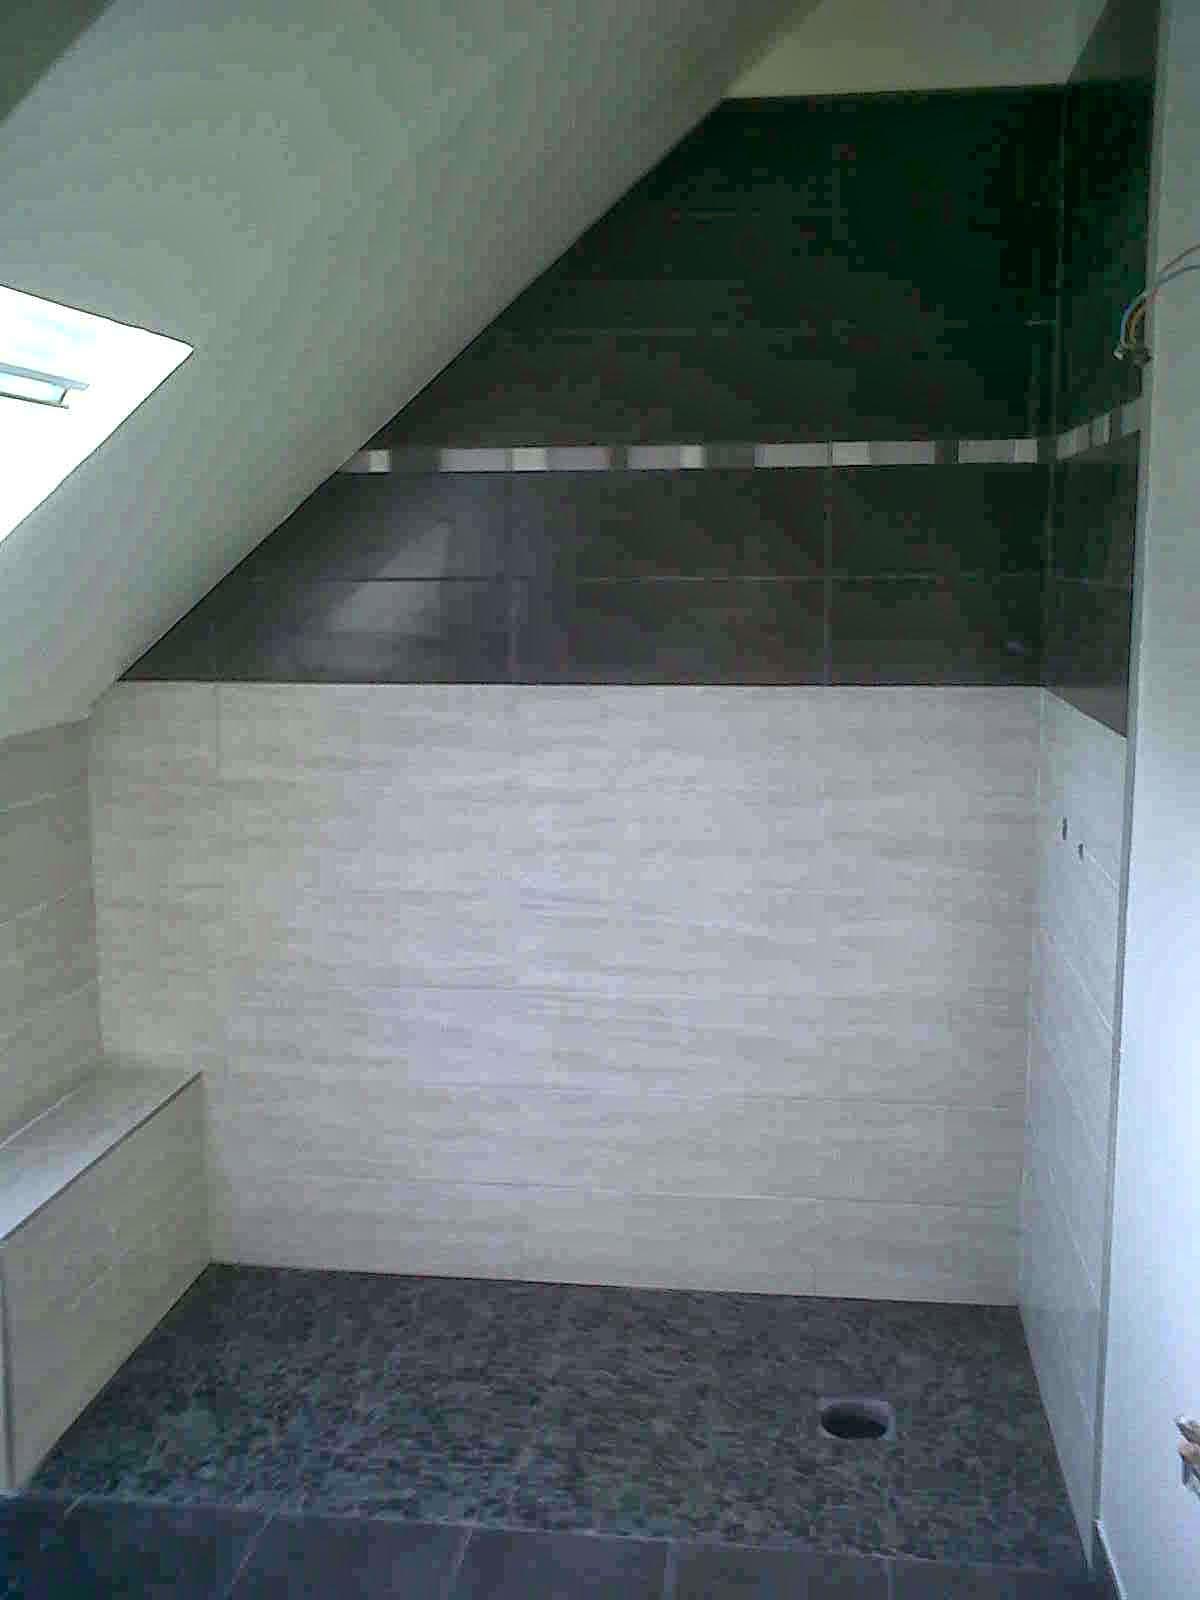 Michel le coz agencement d coration douche italienne galets - Decoration douche italienne ...